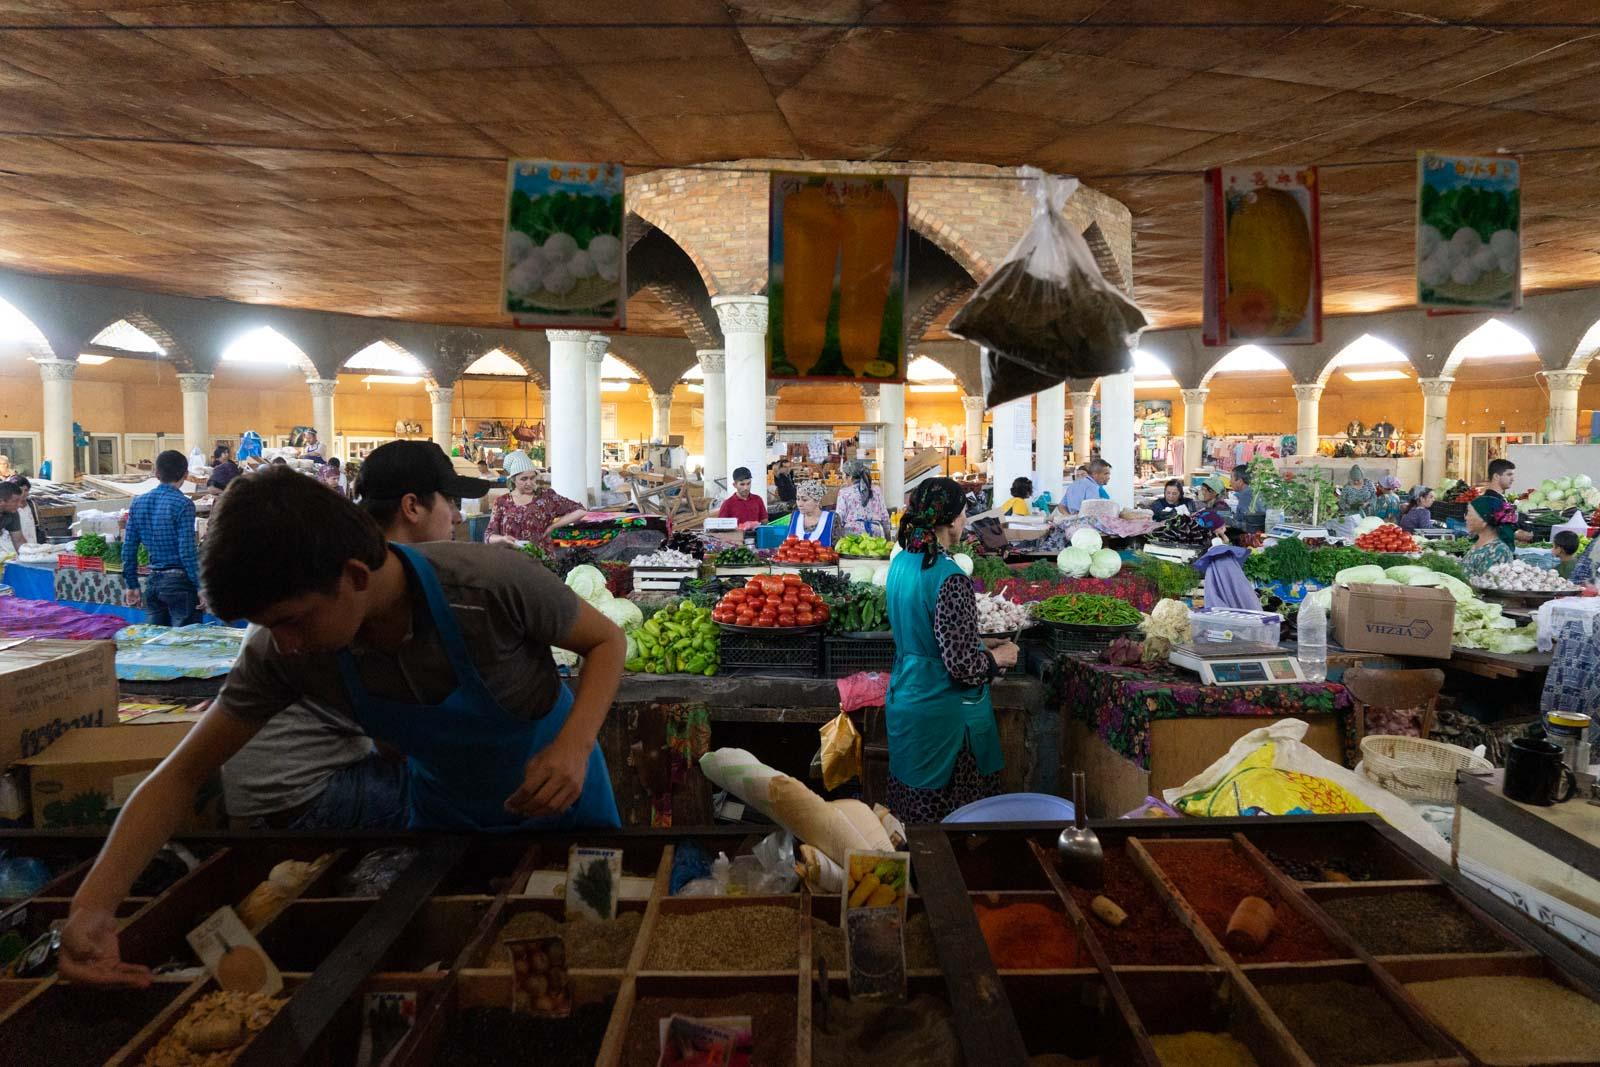 Penjikent Bazaar, Tajikistan